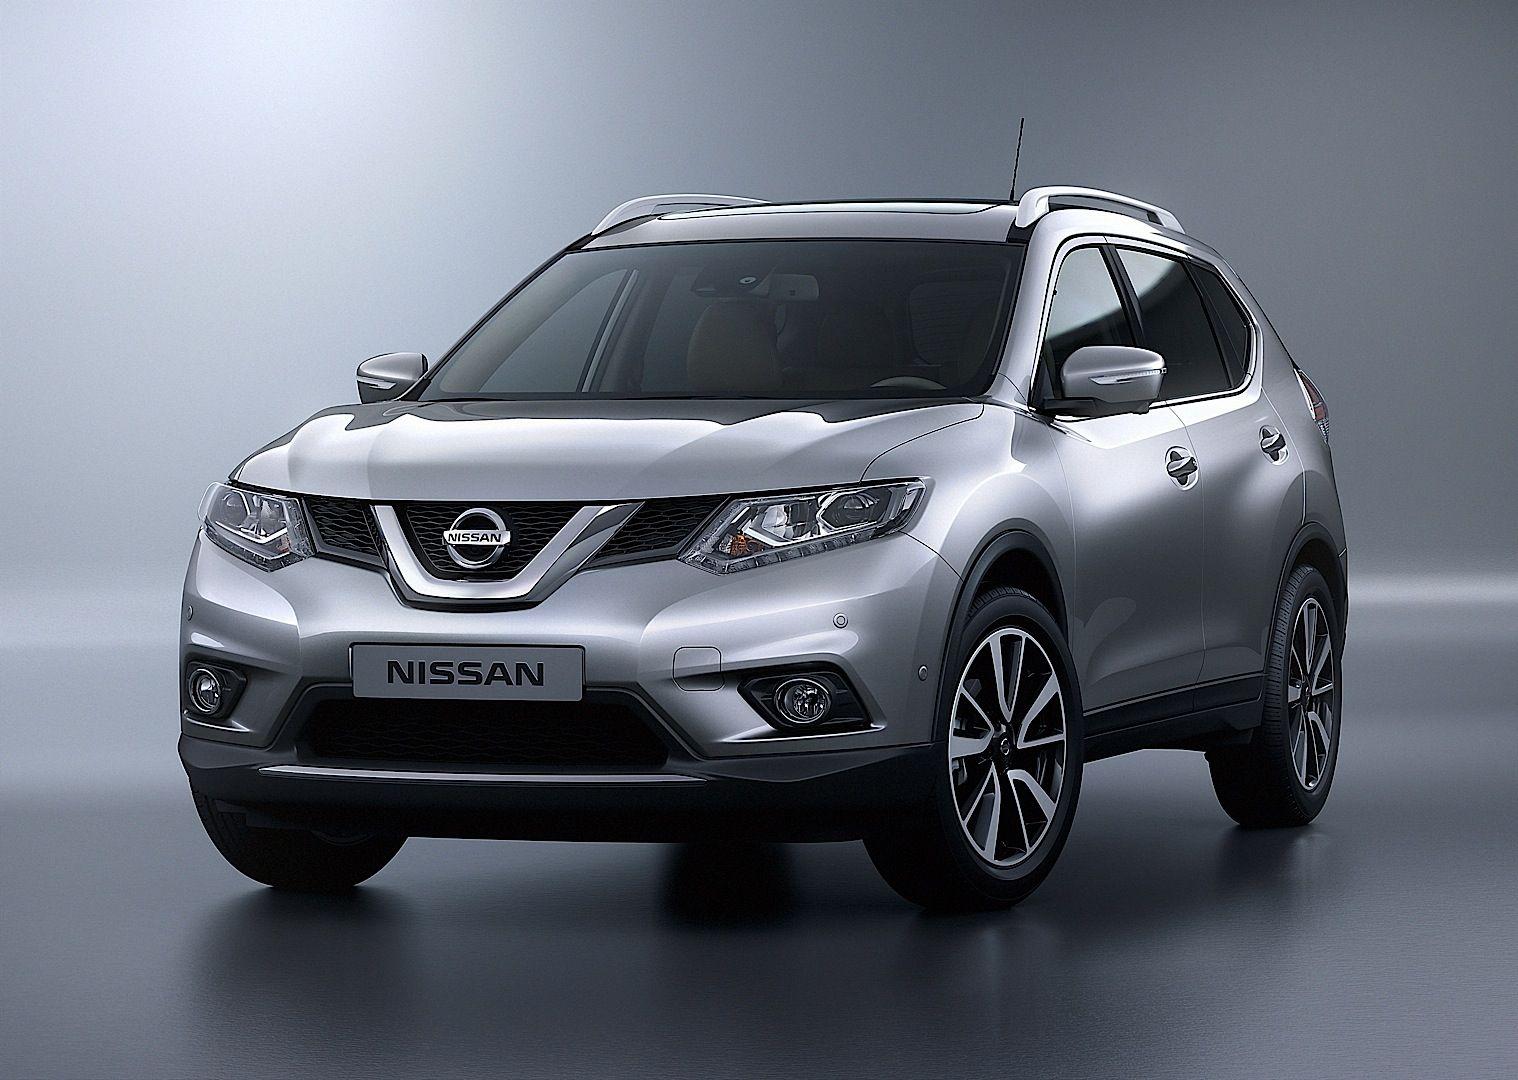 Nissan X Trail Generasi Ketiga T32 2014 2020 Nissan Suv Transmisi Otomatis